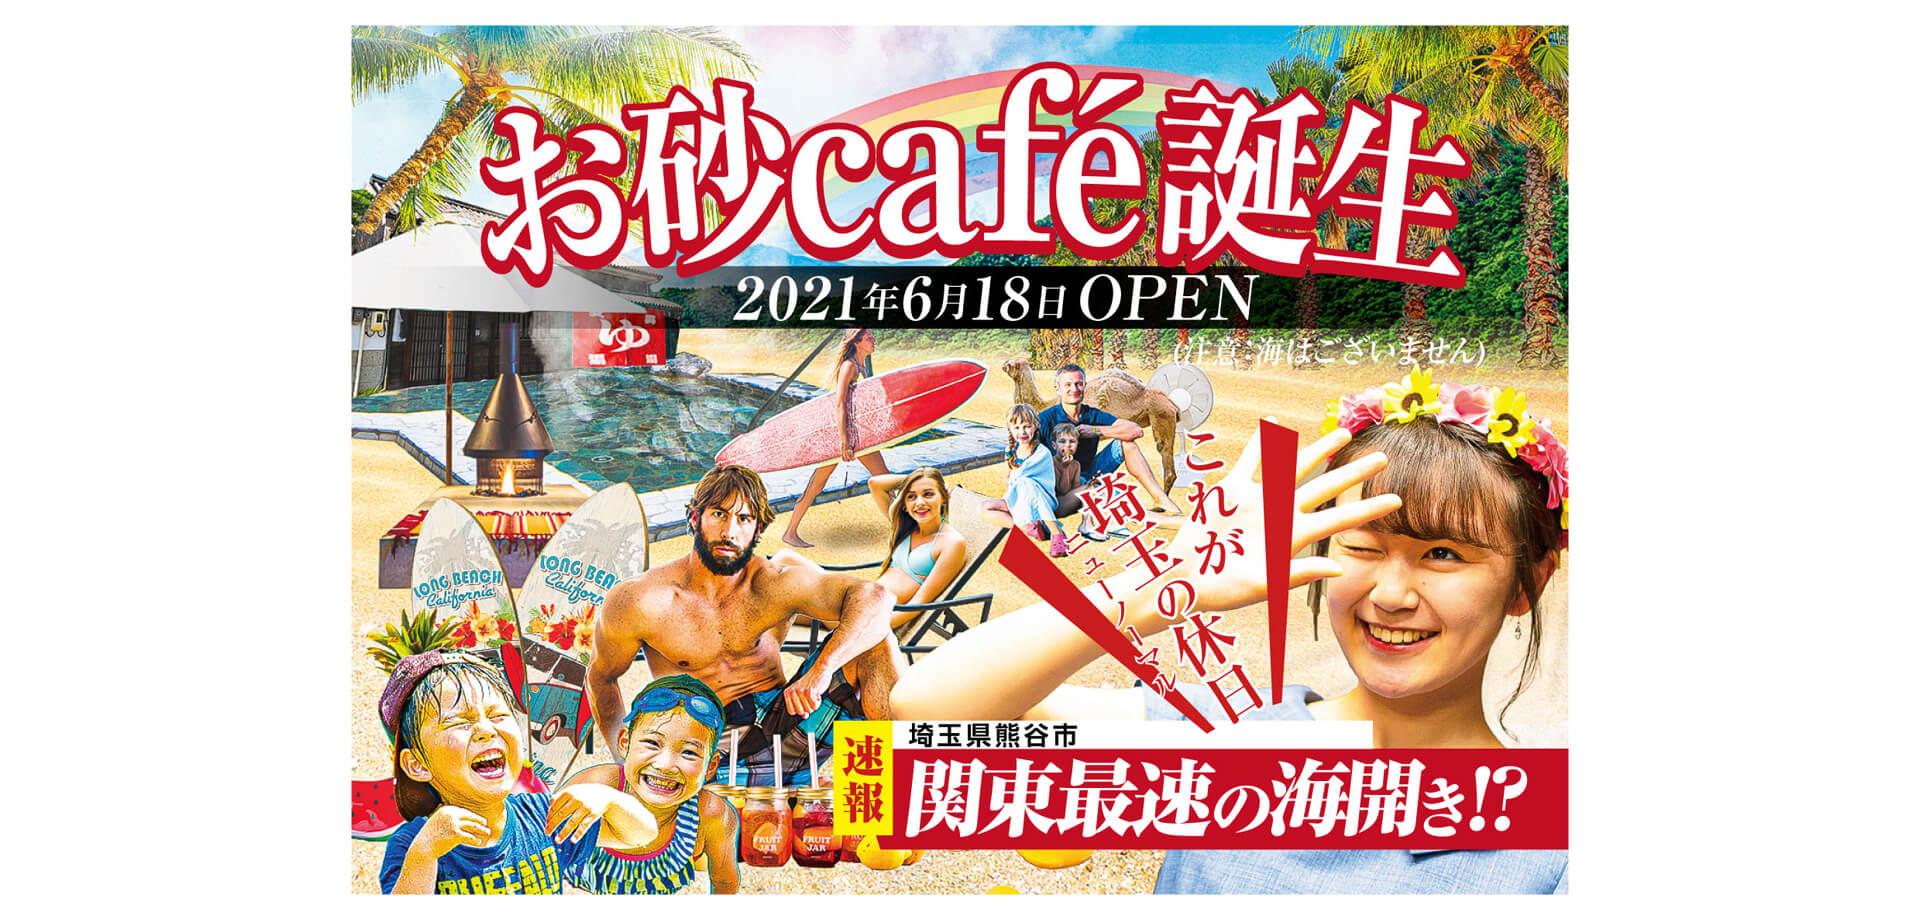 おふろcafe bivouac「お砂cafe」